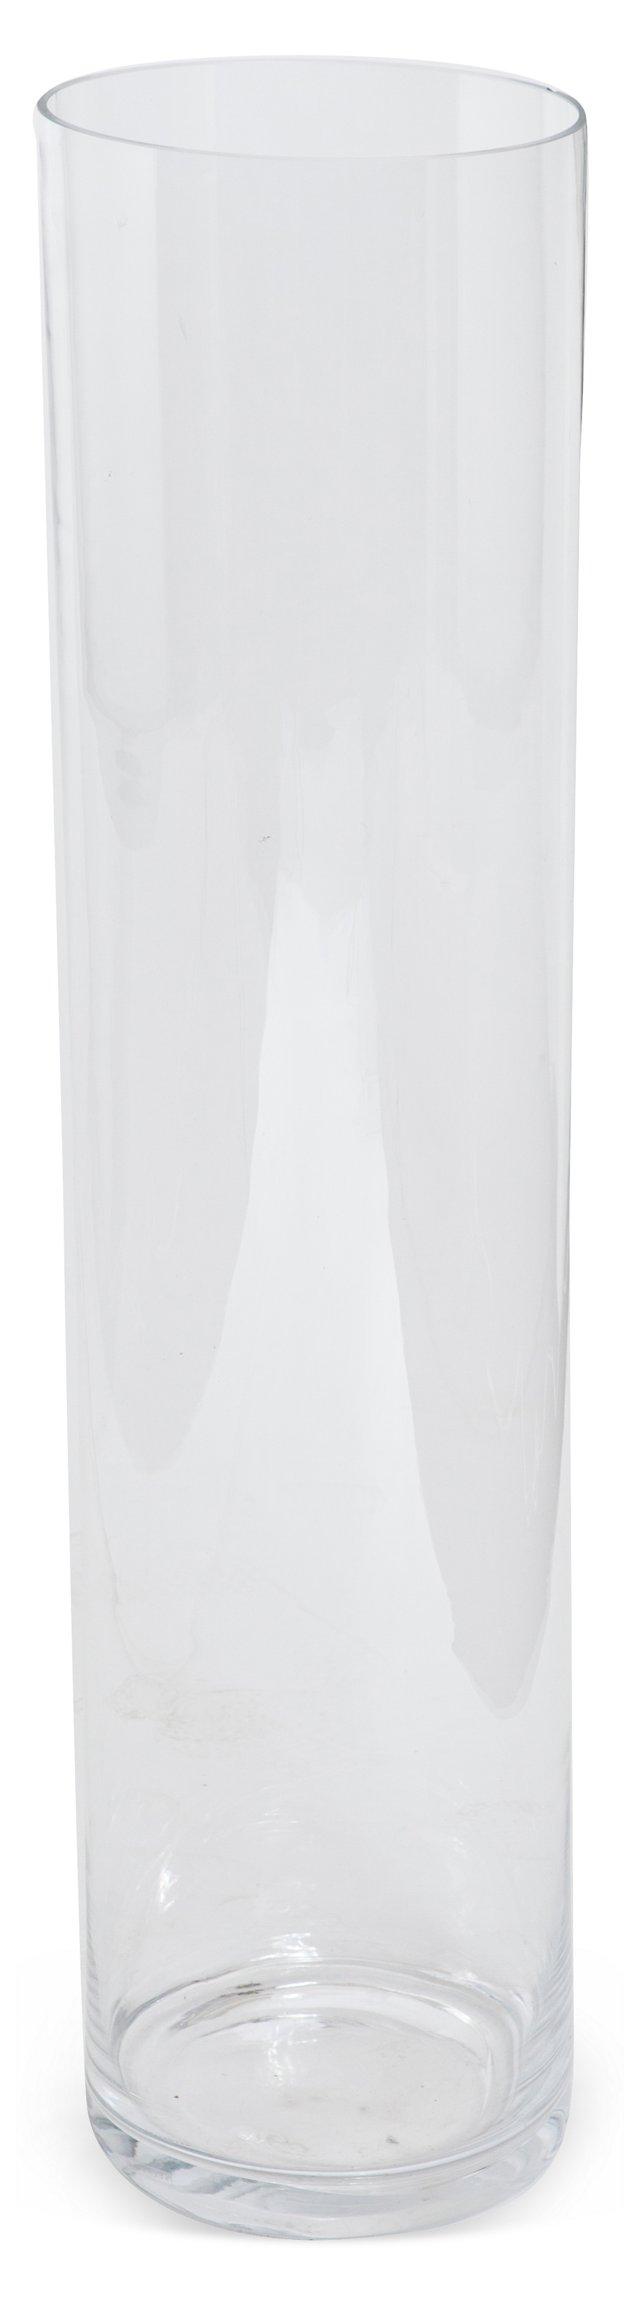 Monumental Glass Column Vase